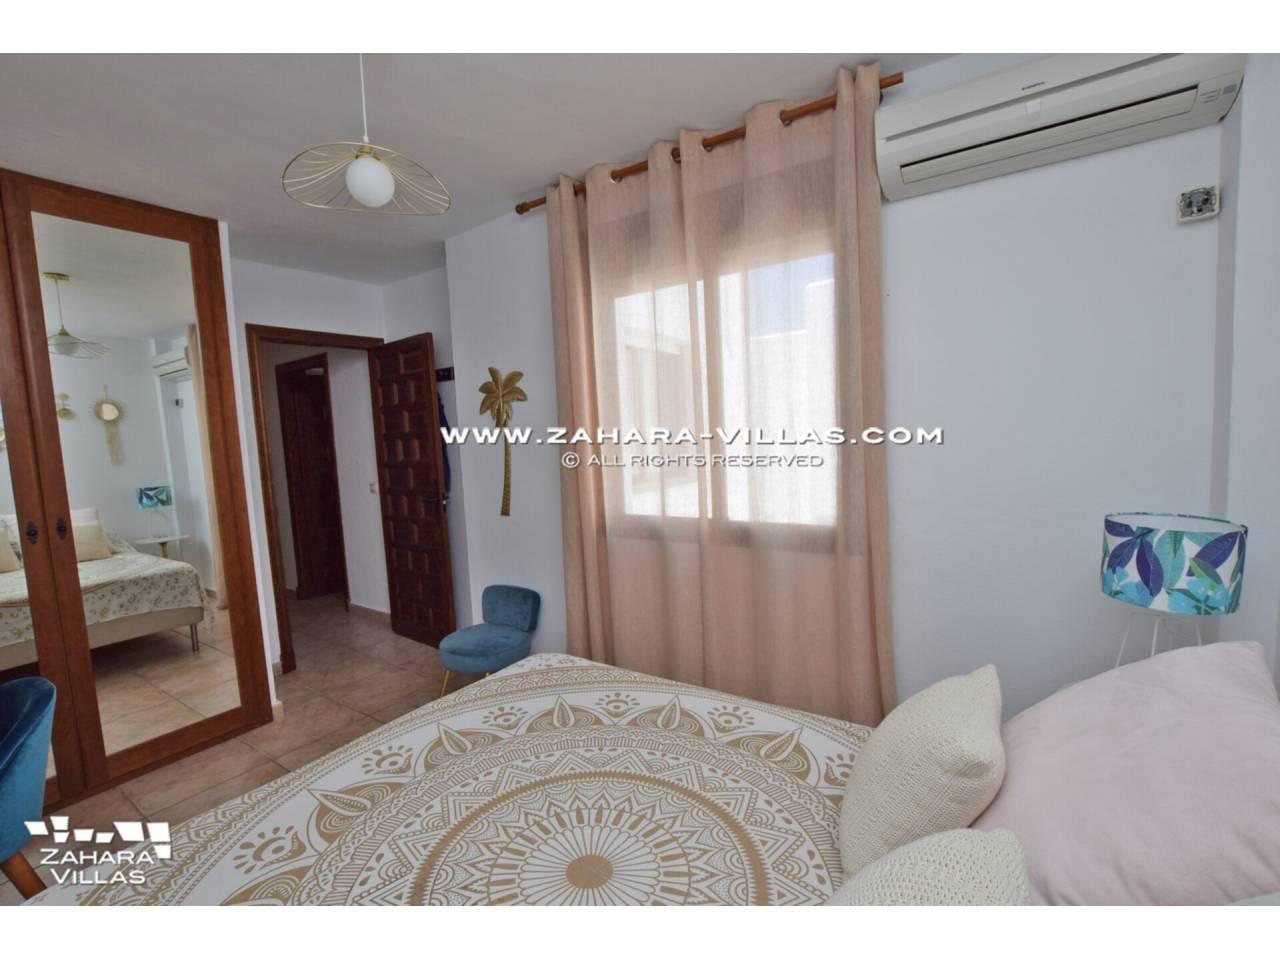 Imagen 28 de Casa Adosada con vistas al mar en venta en Urb. Jardines de Zahara